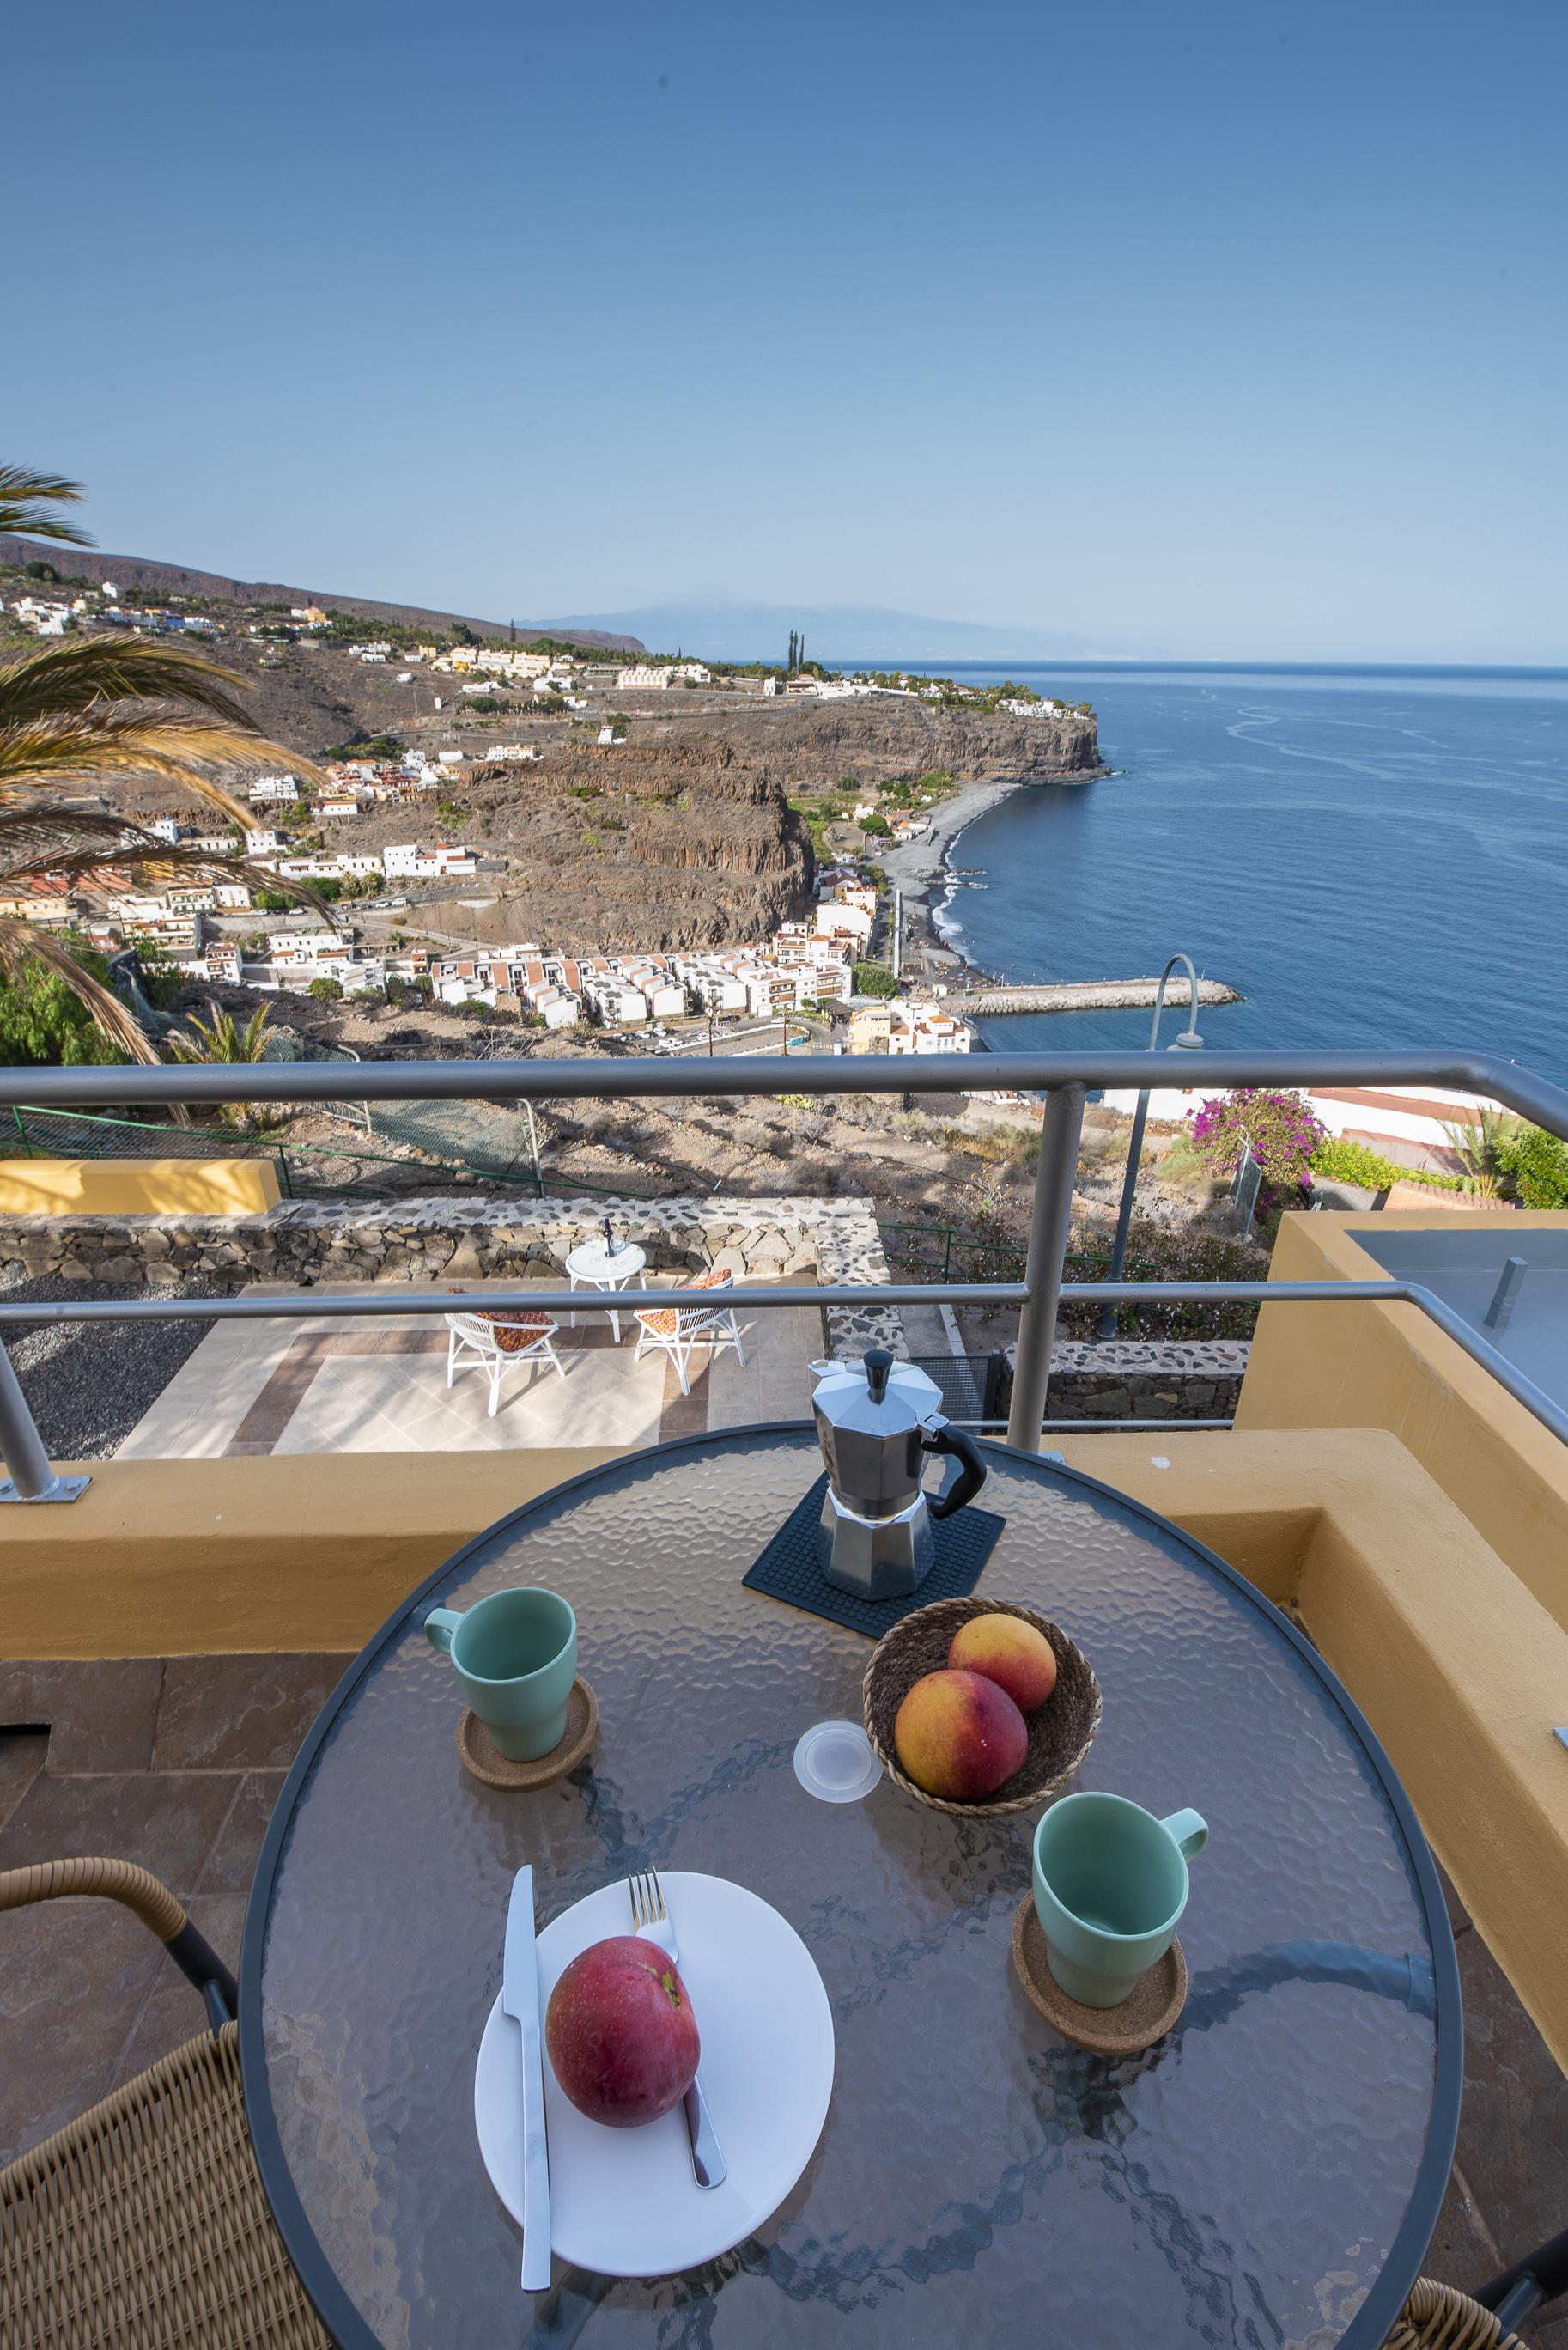 Ferienhaus  (2681968), Playa de Santiago, La Gomera, Kanarische Inseln, Spanien, Bild 34